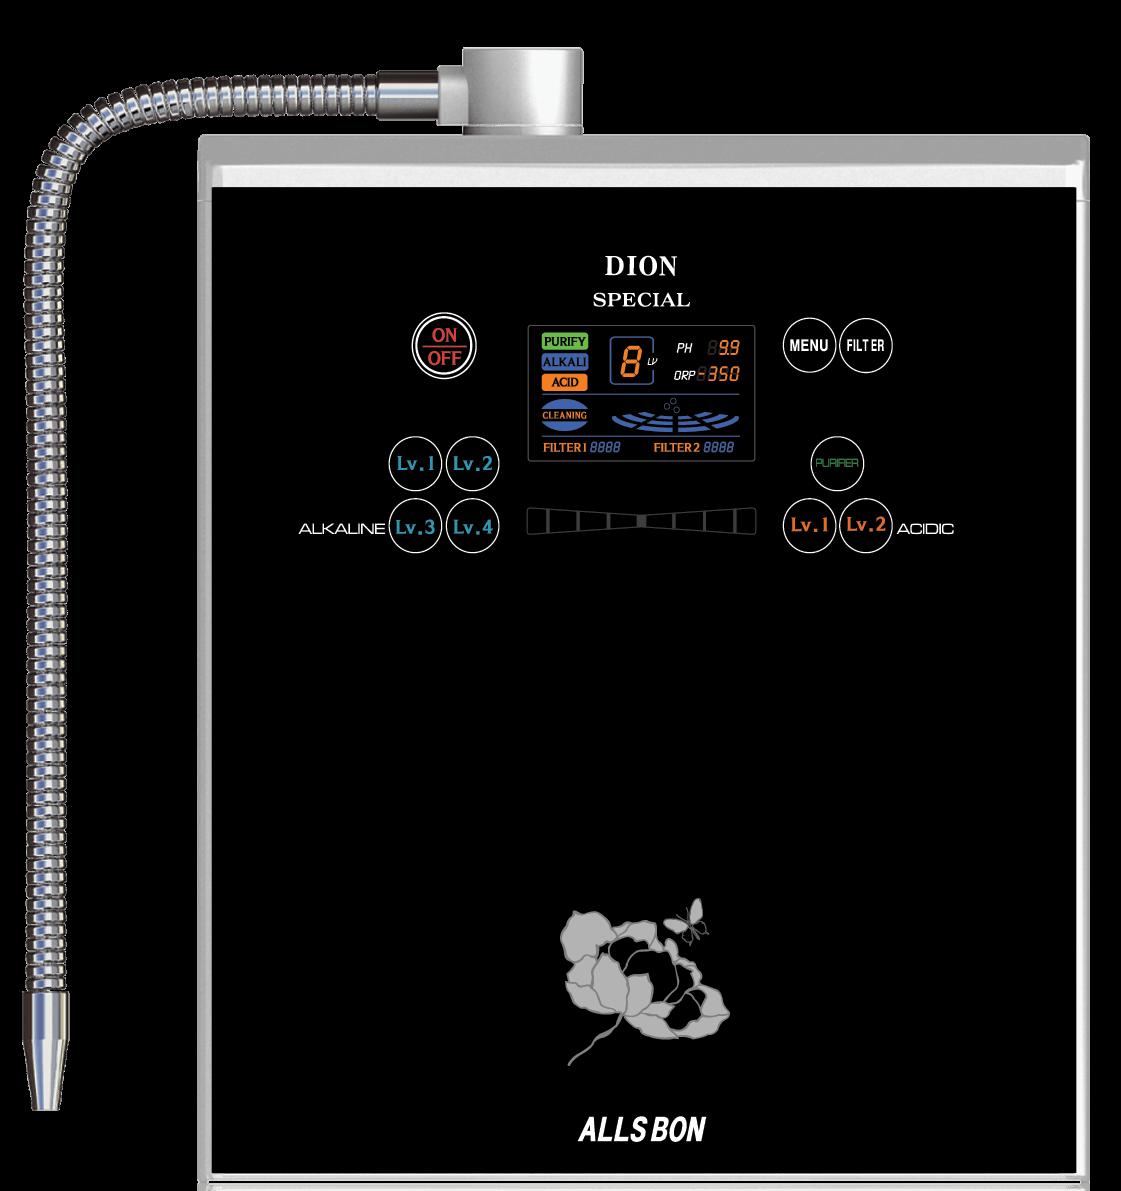 Allsbon Dion Special Wasserionisierer basisches Wasser png